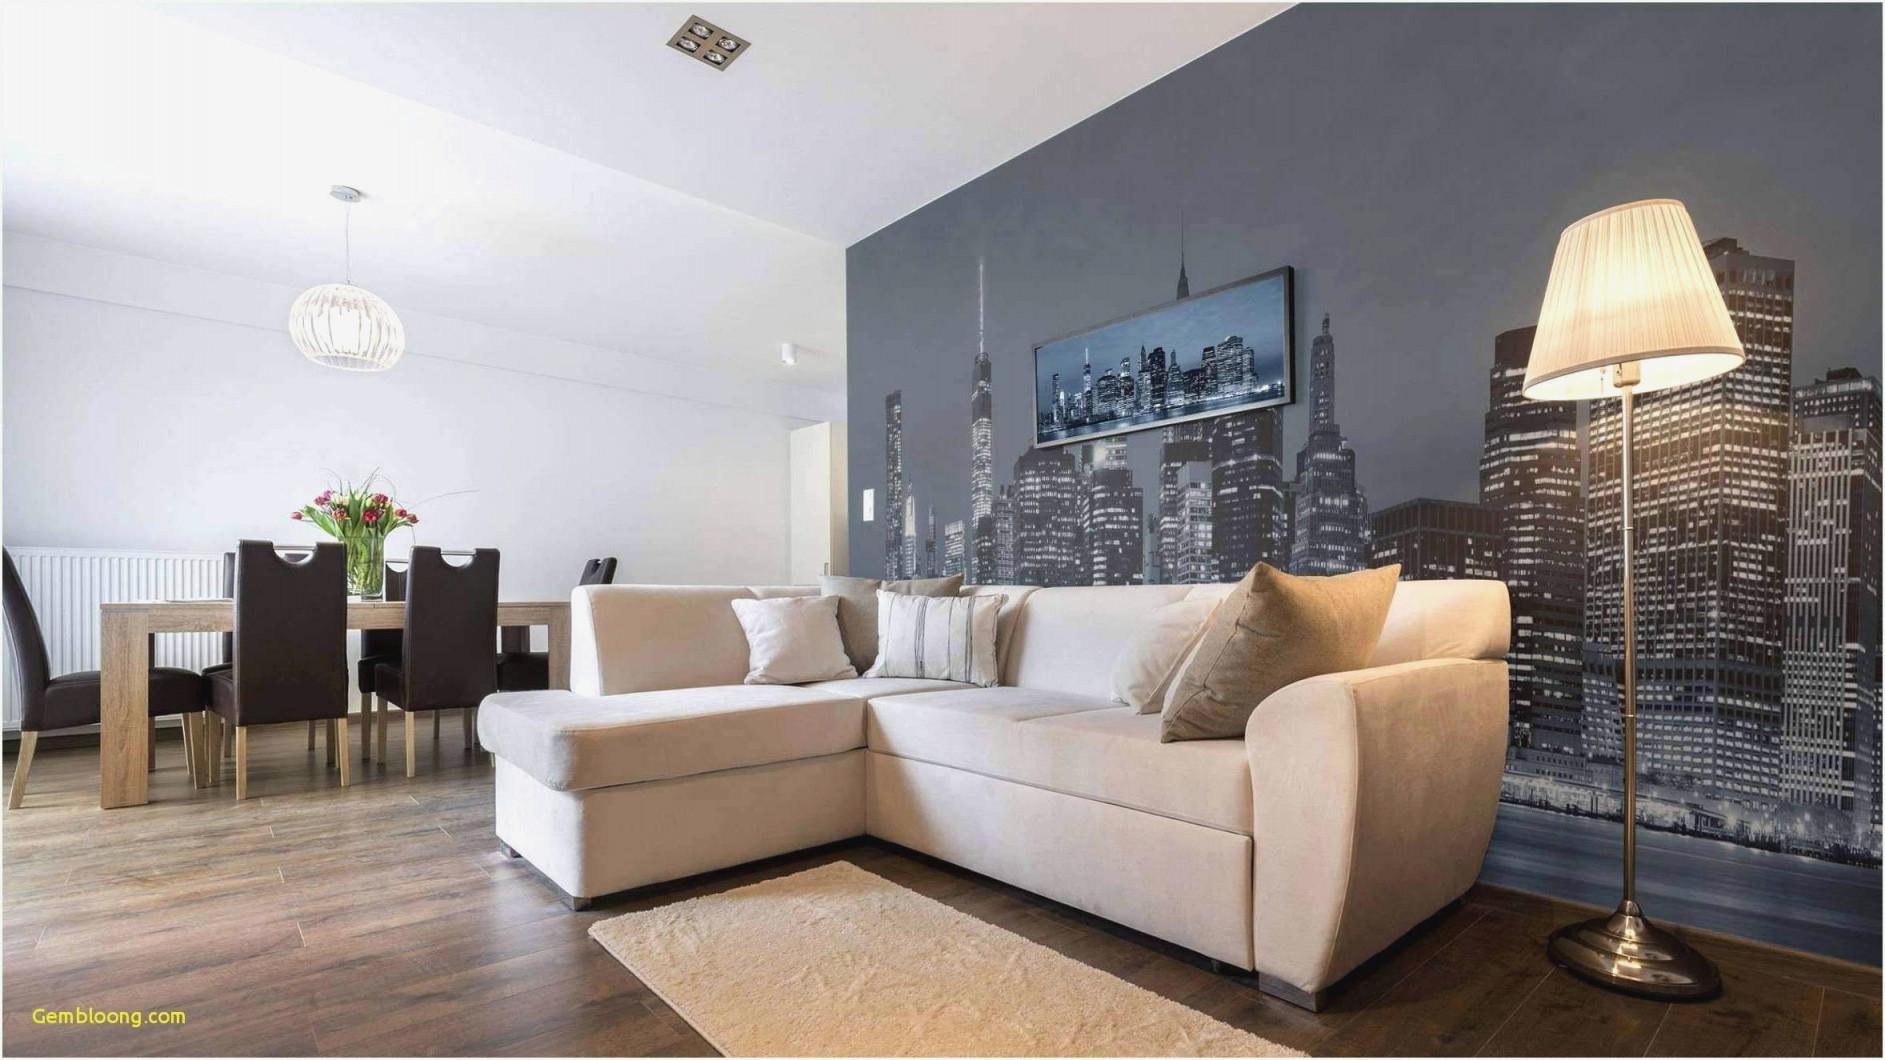 Stylische Ideen Wohnzimmer Tv Frame  Wohnzimmer  Traumhaus von Stylische Bilder Wohnzimmer Bild